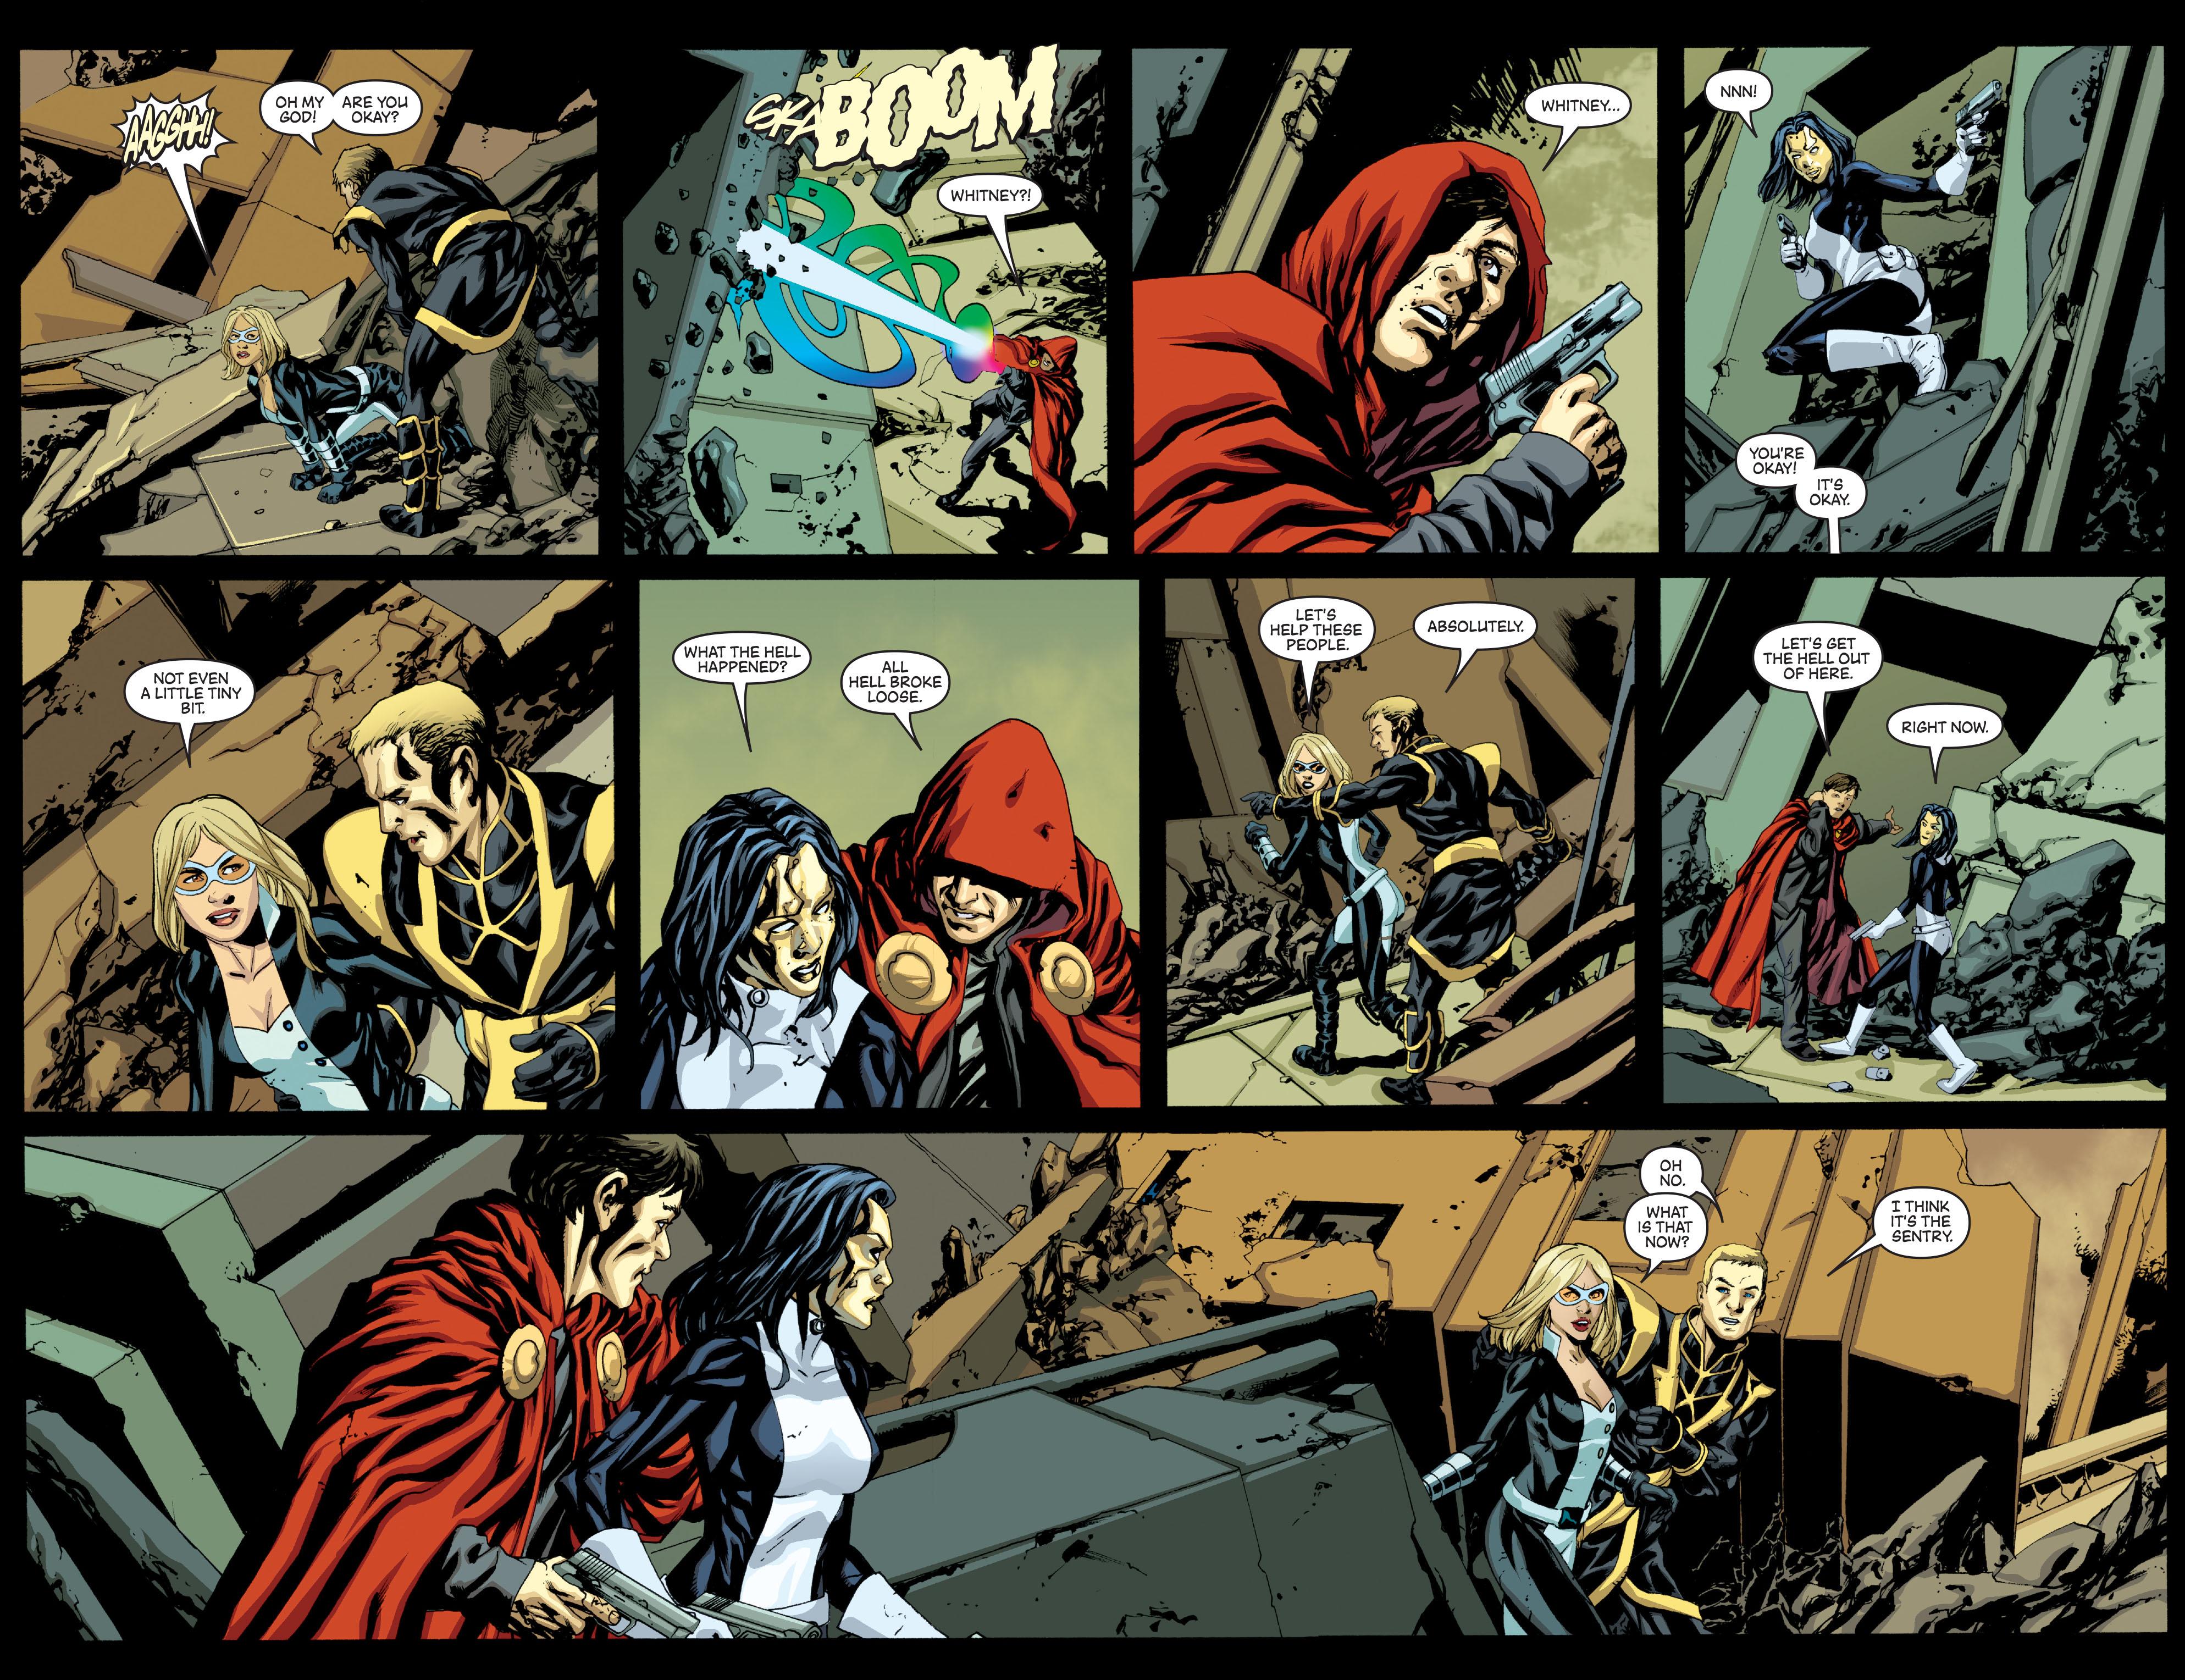 New Avengers (2005) chap 64 pic 14